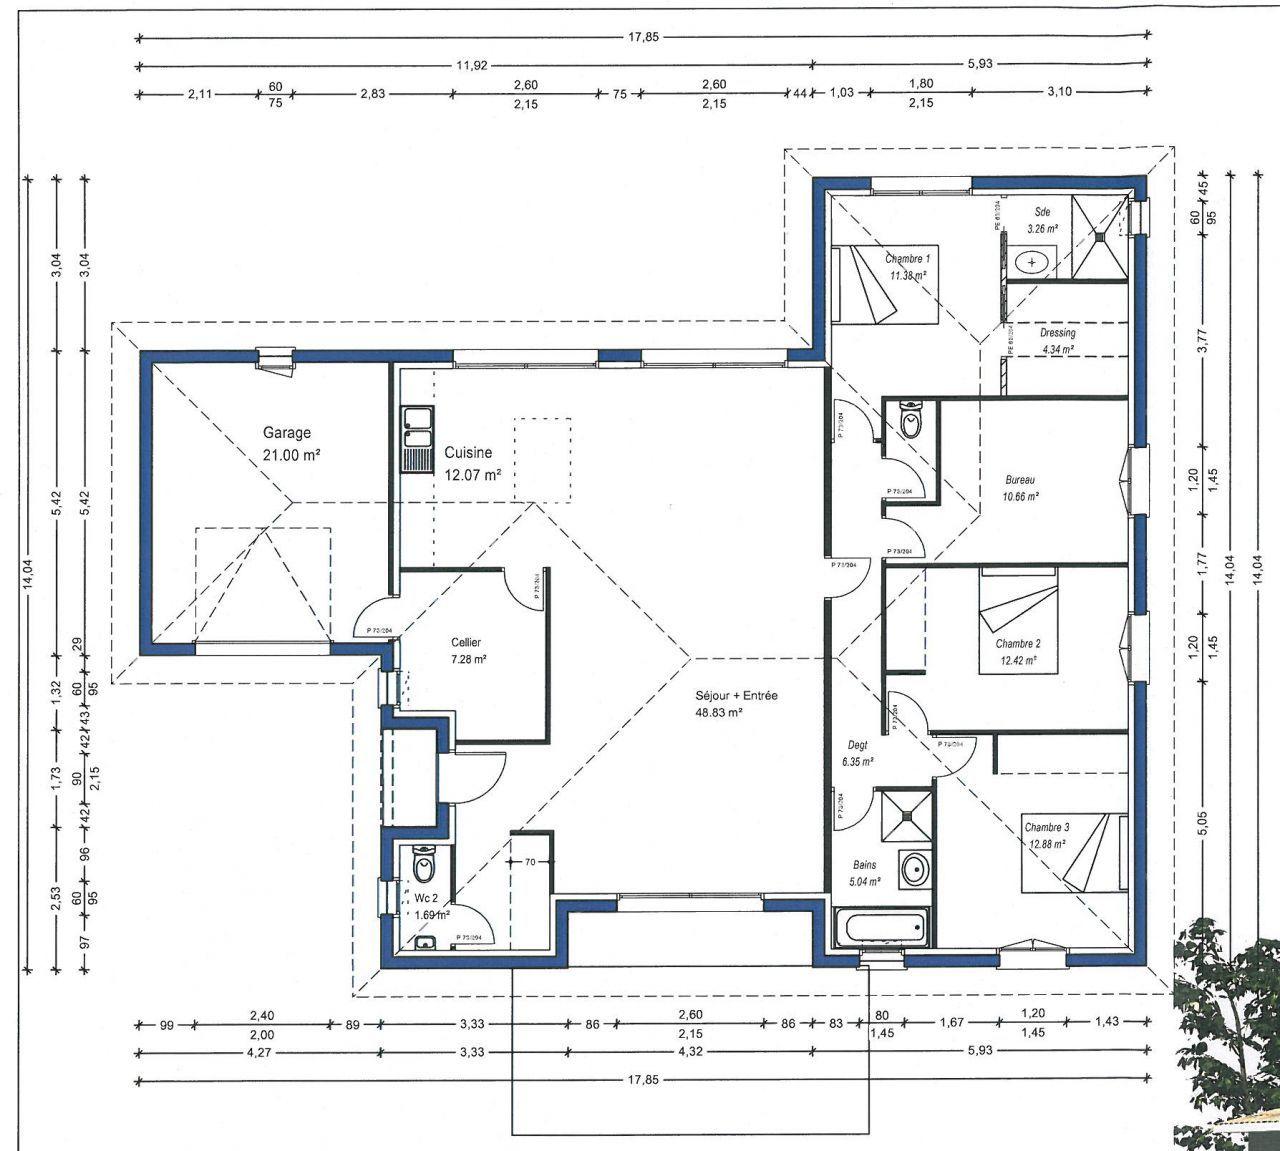 Captivating Plan Maison Entree Sud Idées Uniques Maison Orientation Sud